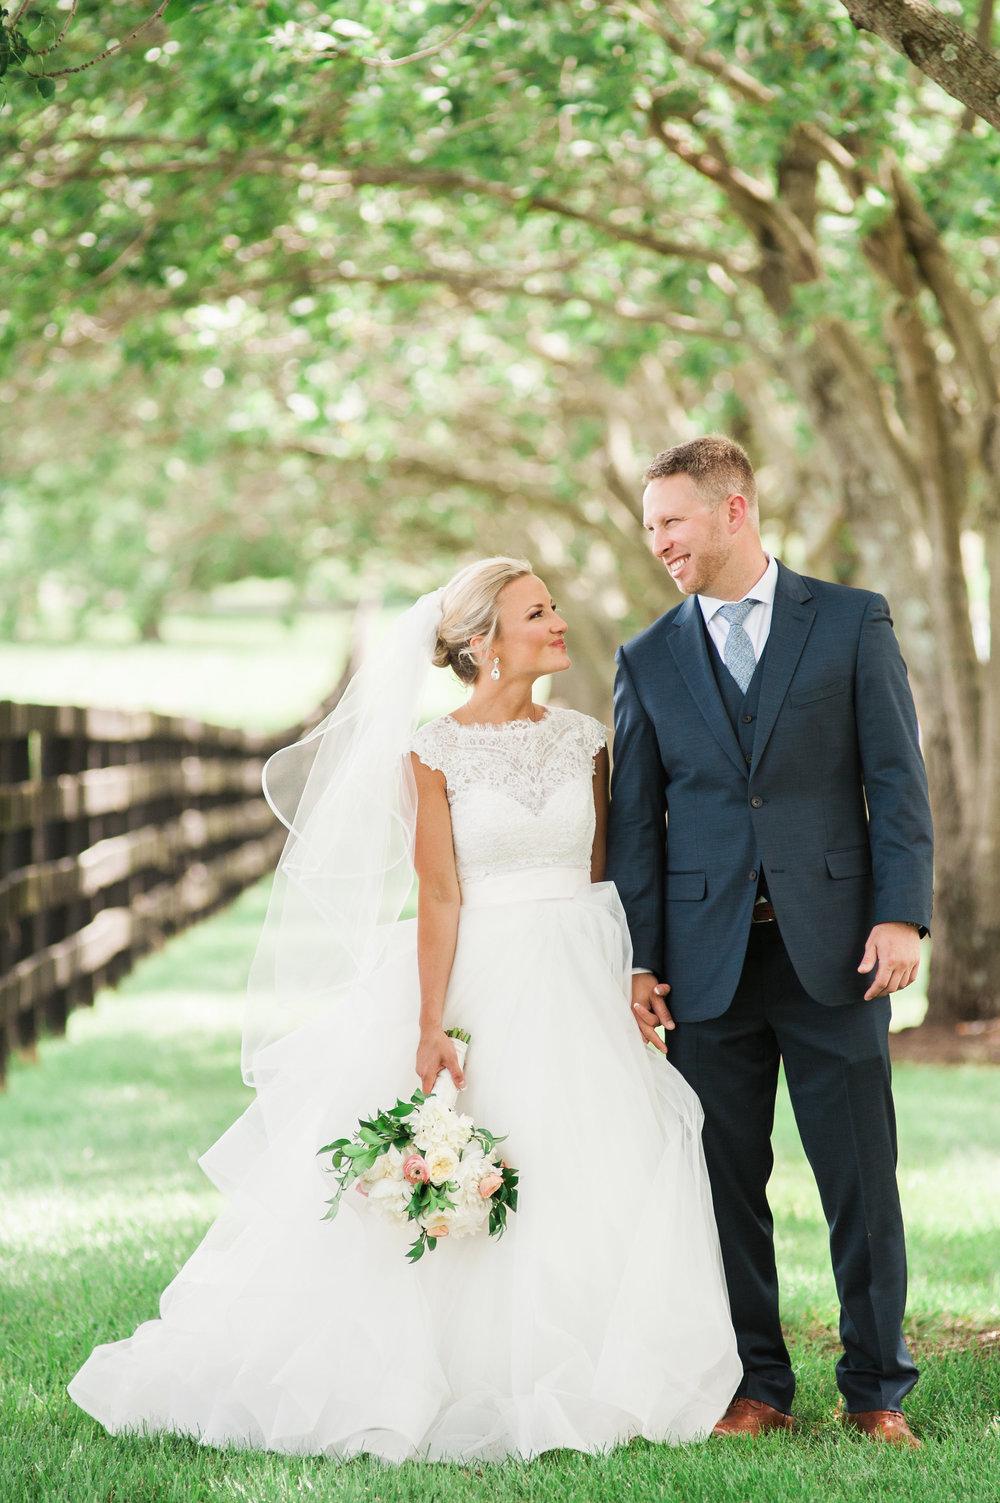 Emily Moseley Photography Weddings Lexington Kentucky Wedding Photographer